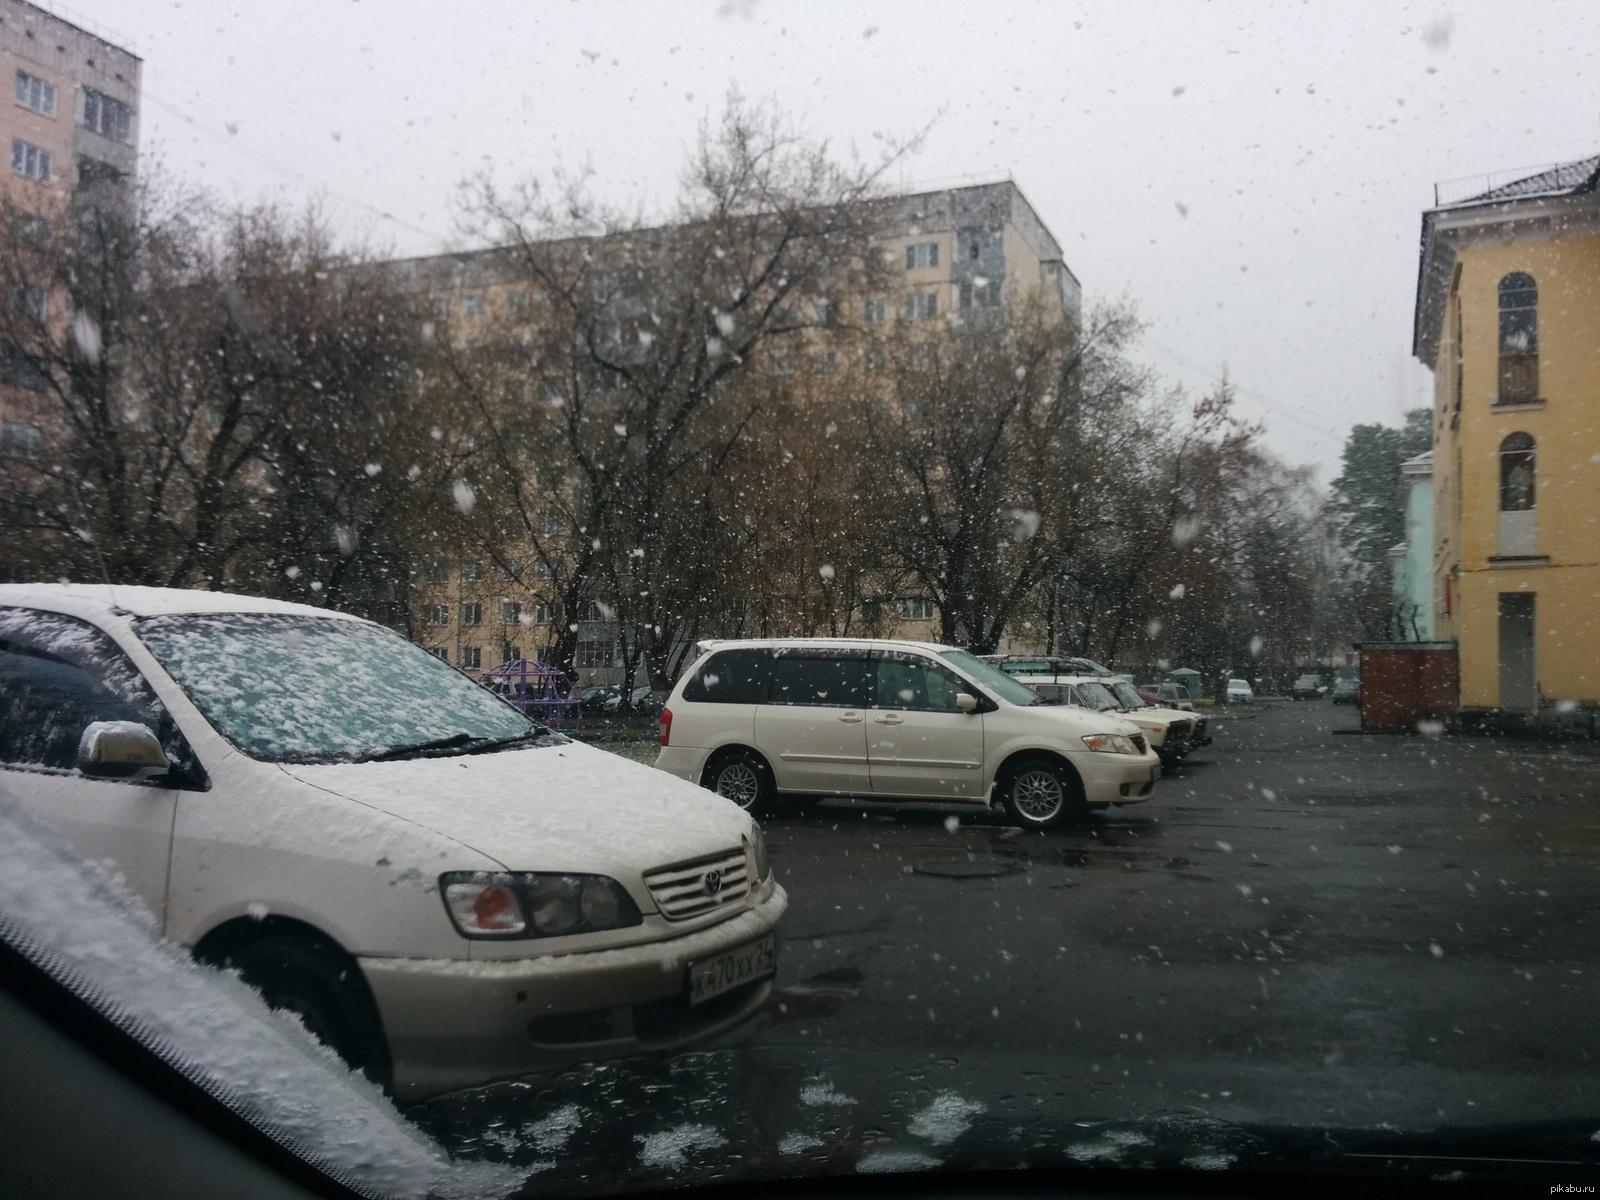 Погода с картинками в н новгороде случилось, всемером